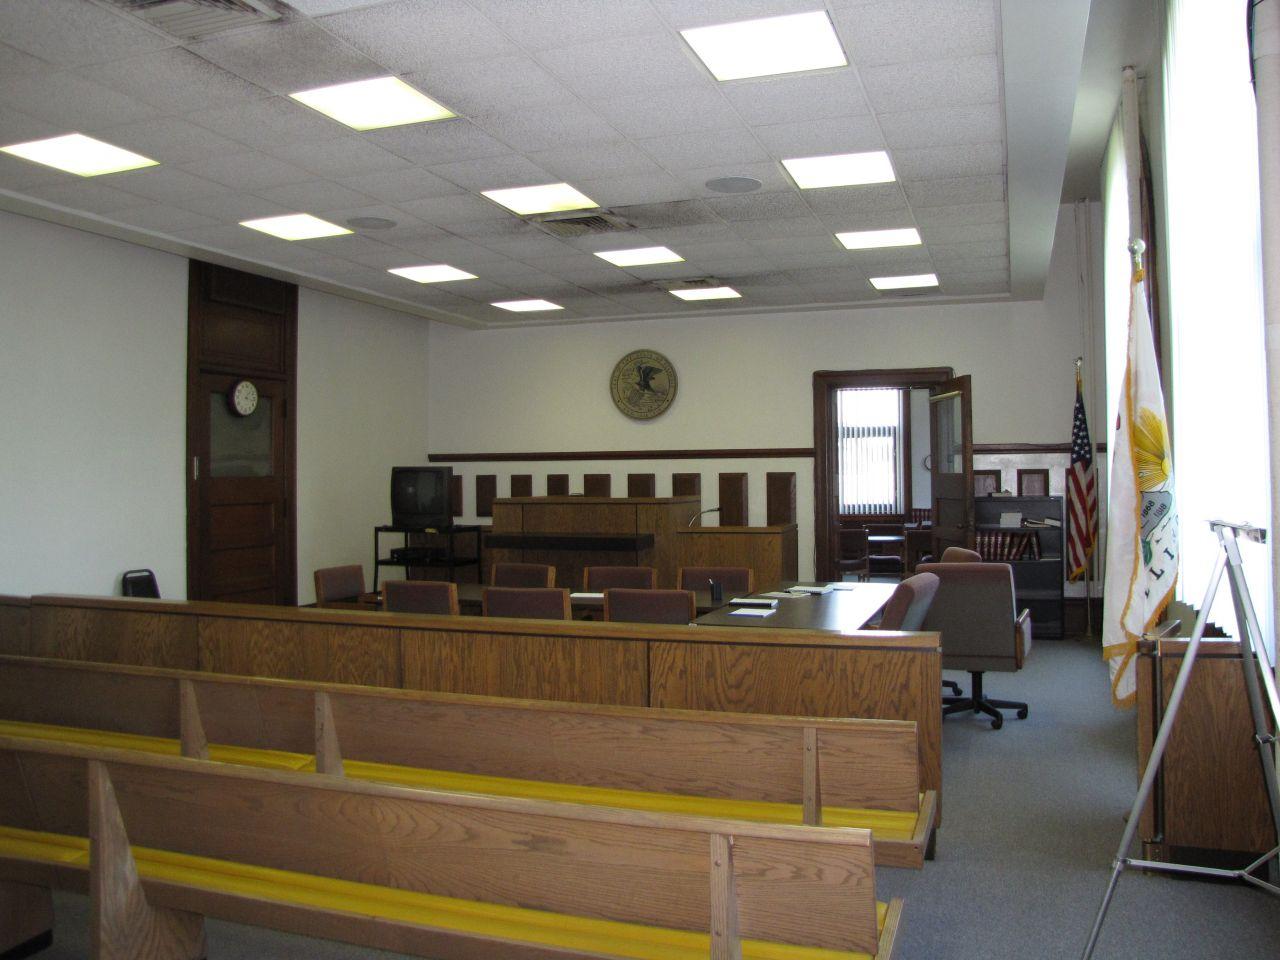 Older courtroom